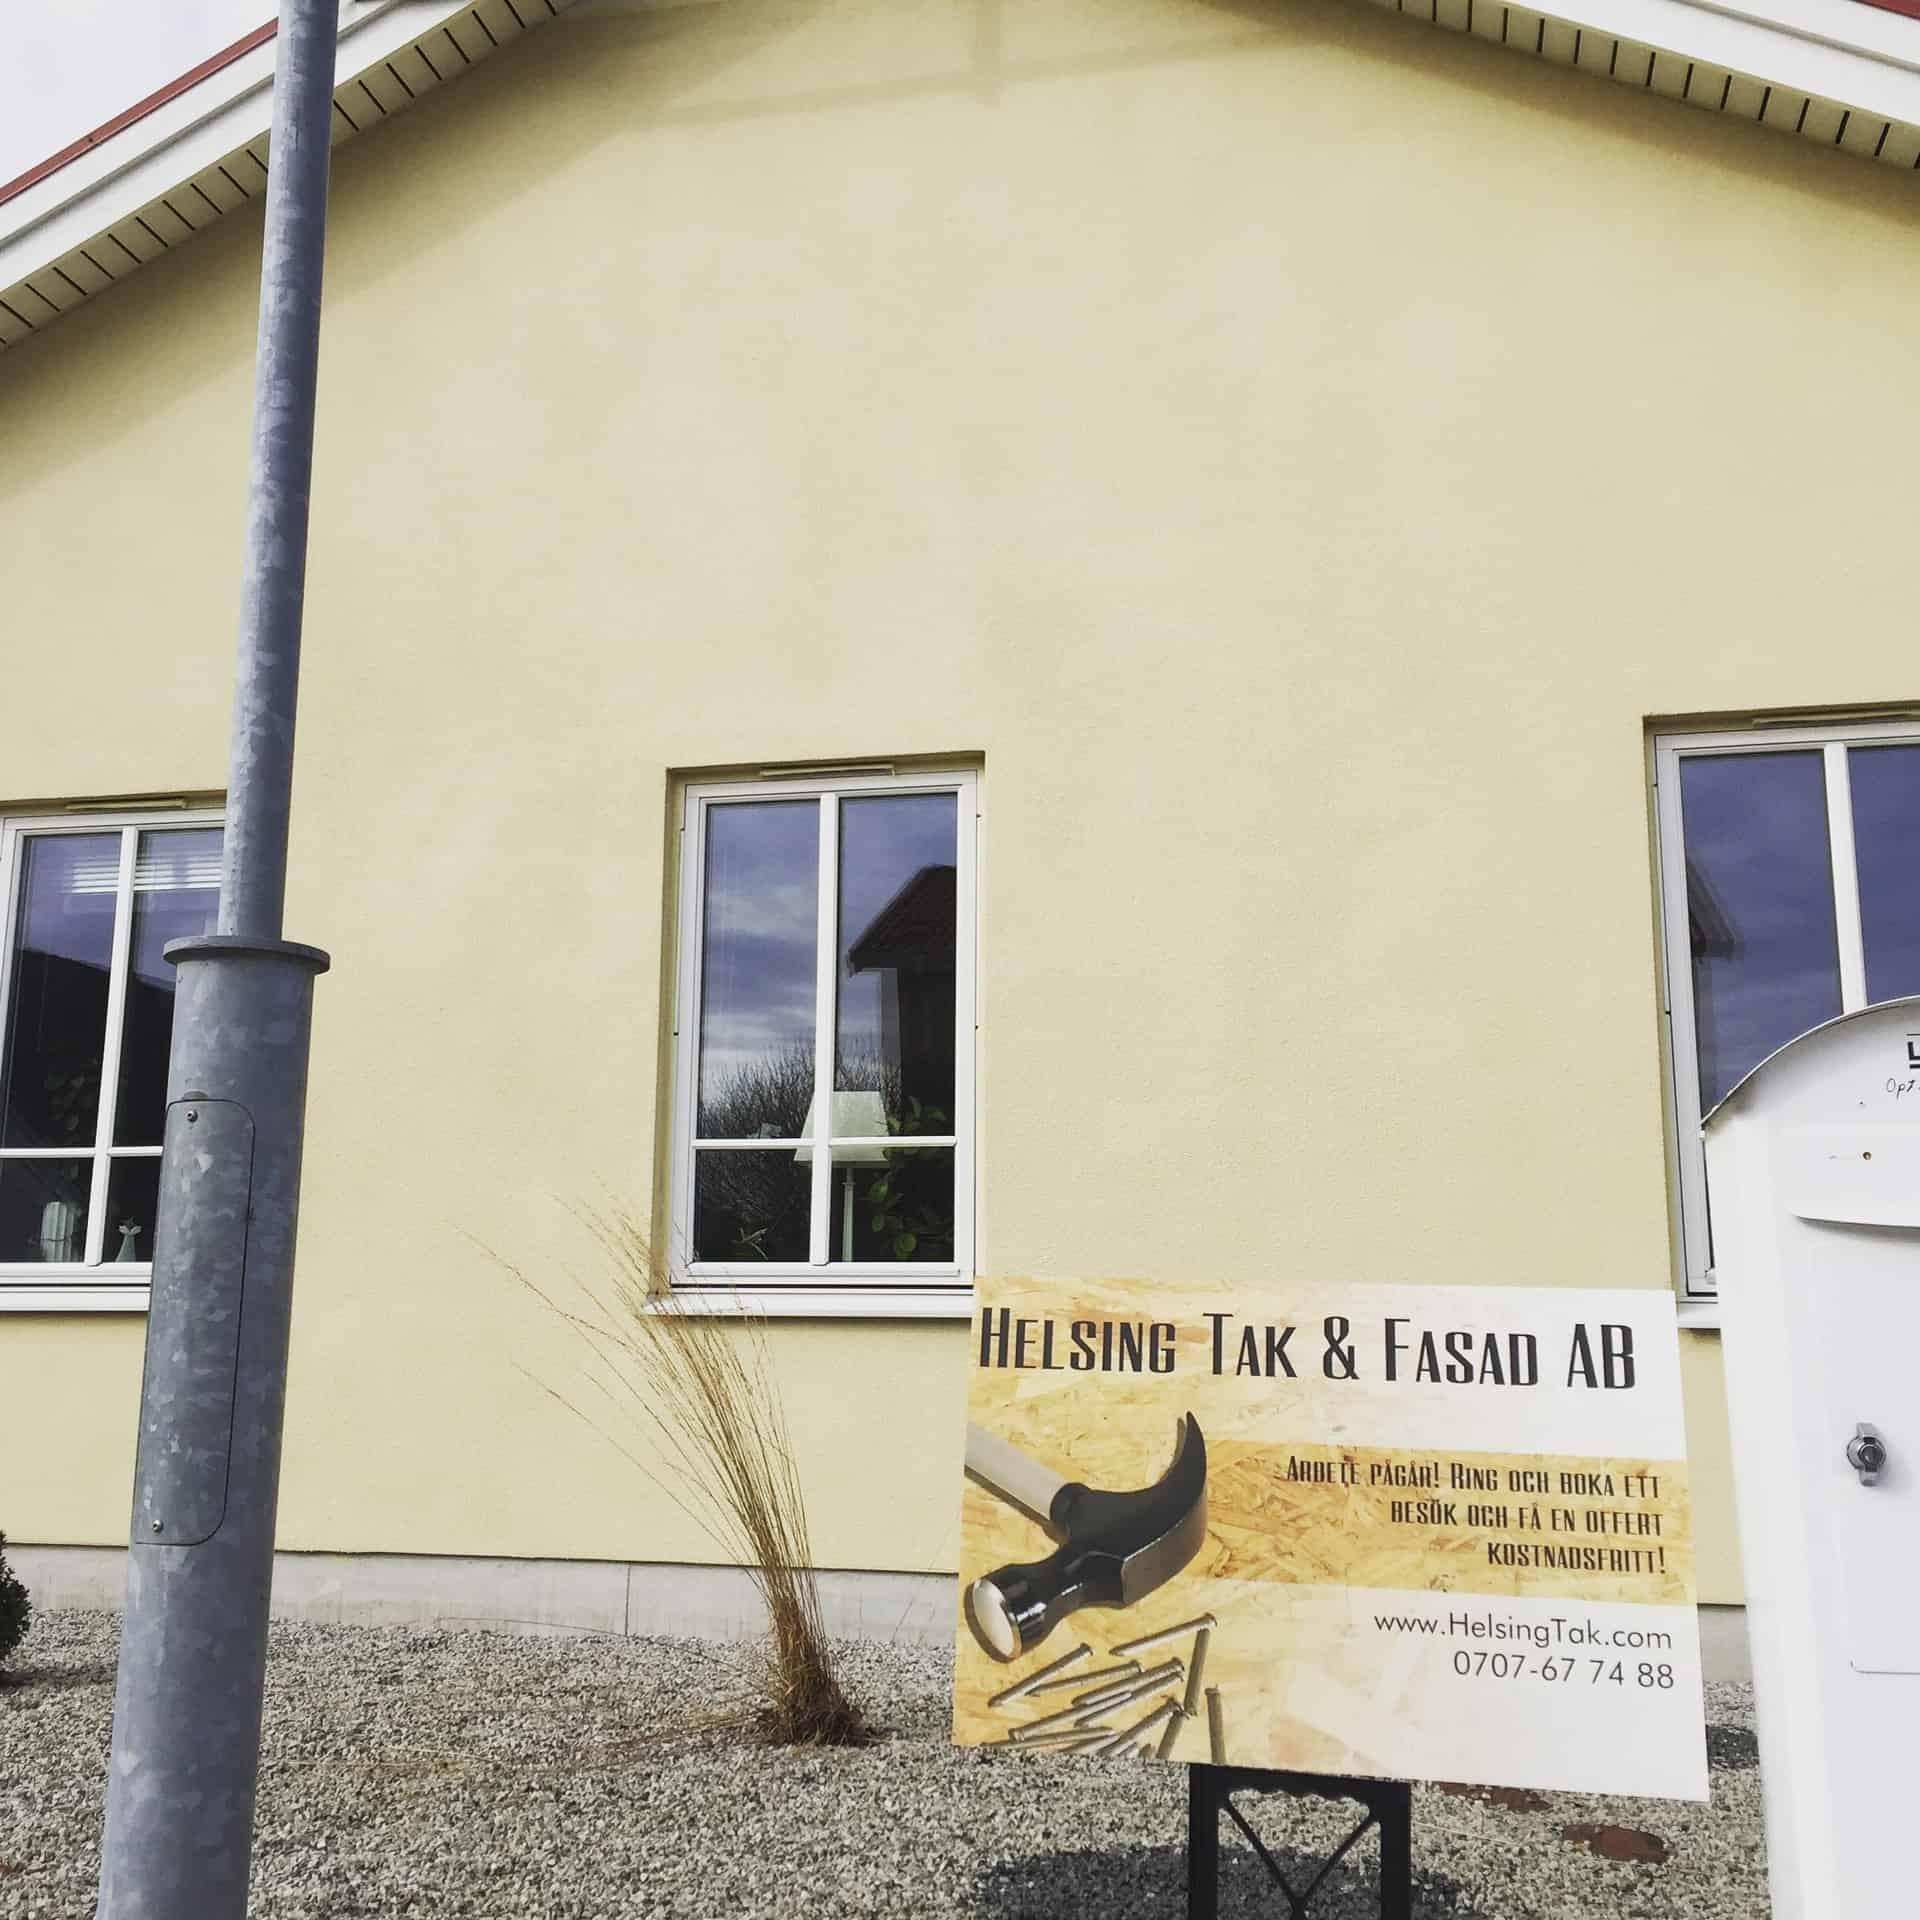 """Referensjobb """"Renovering på gång..."""" utfört av Helsing Tak & Fasad AB"""